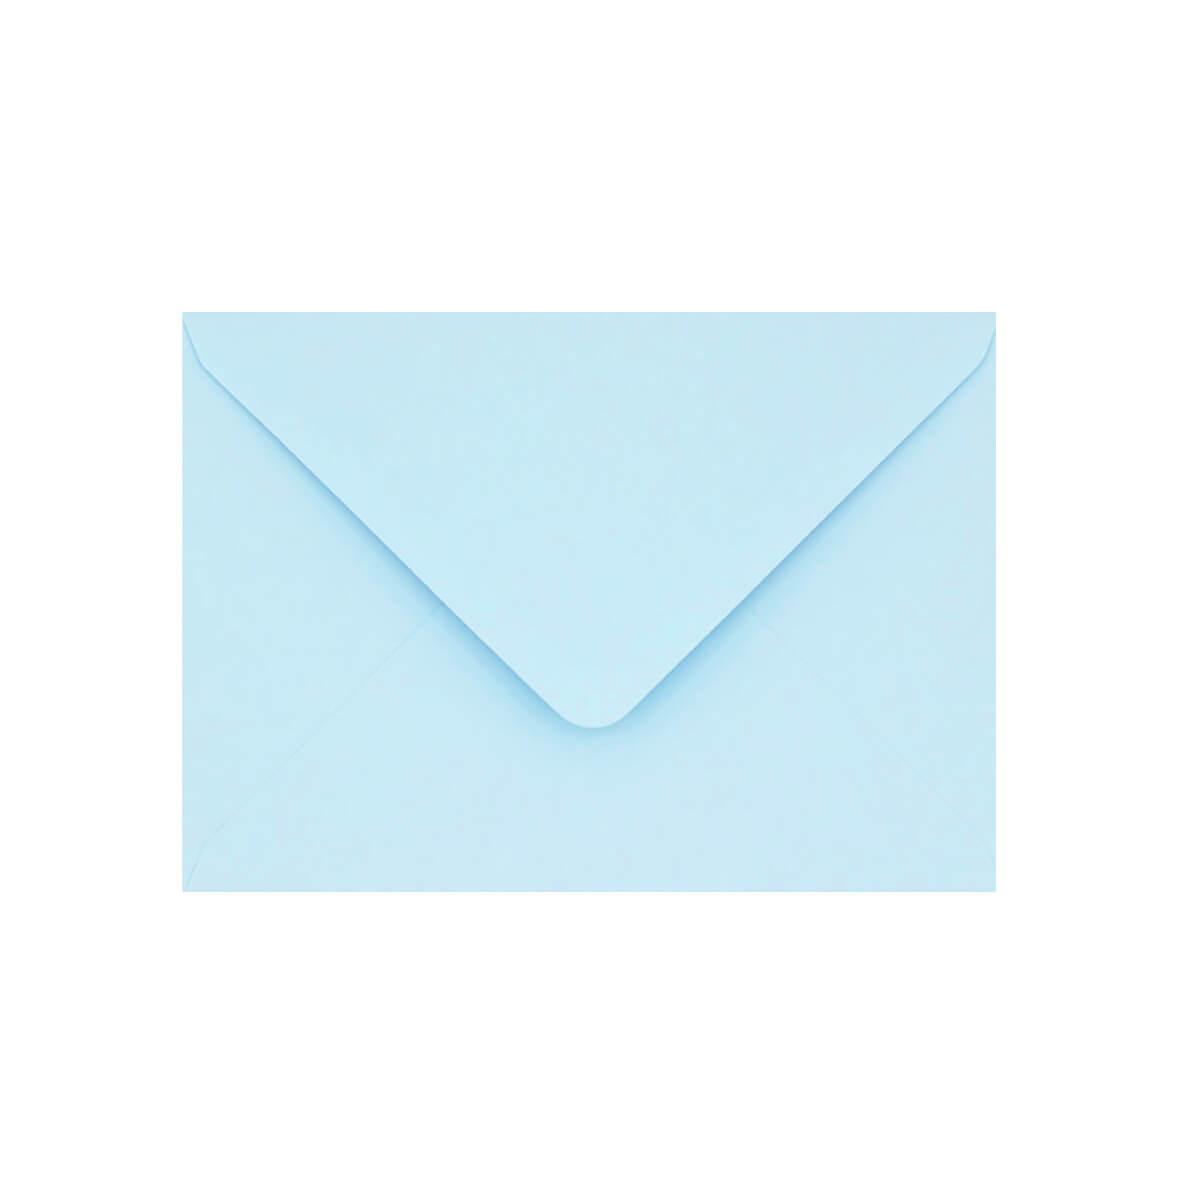 PALE BLUE 125 x 175mm ENVELOPES